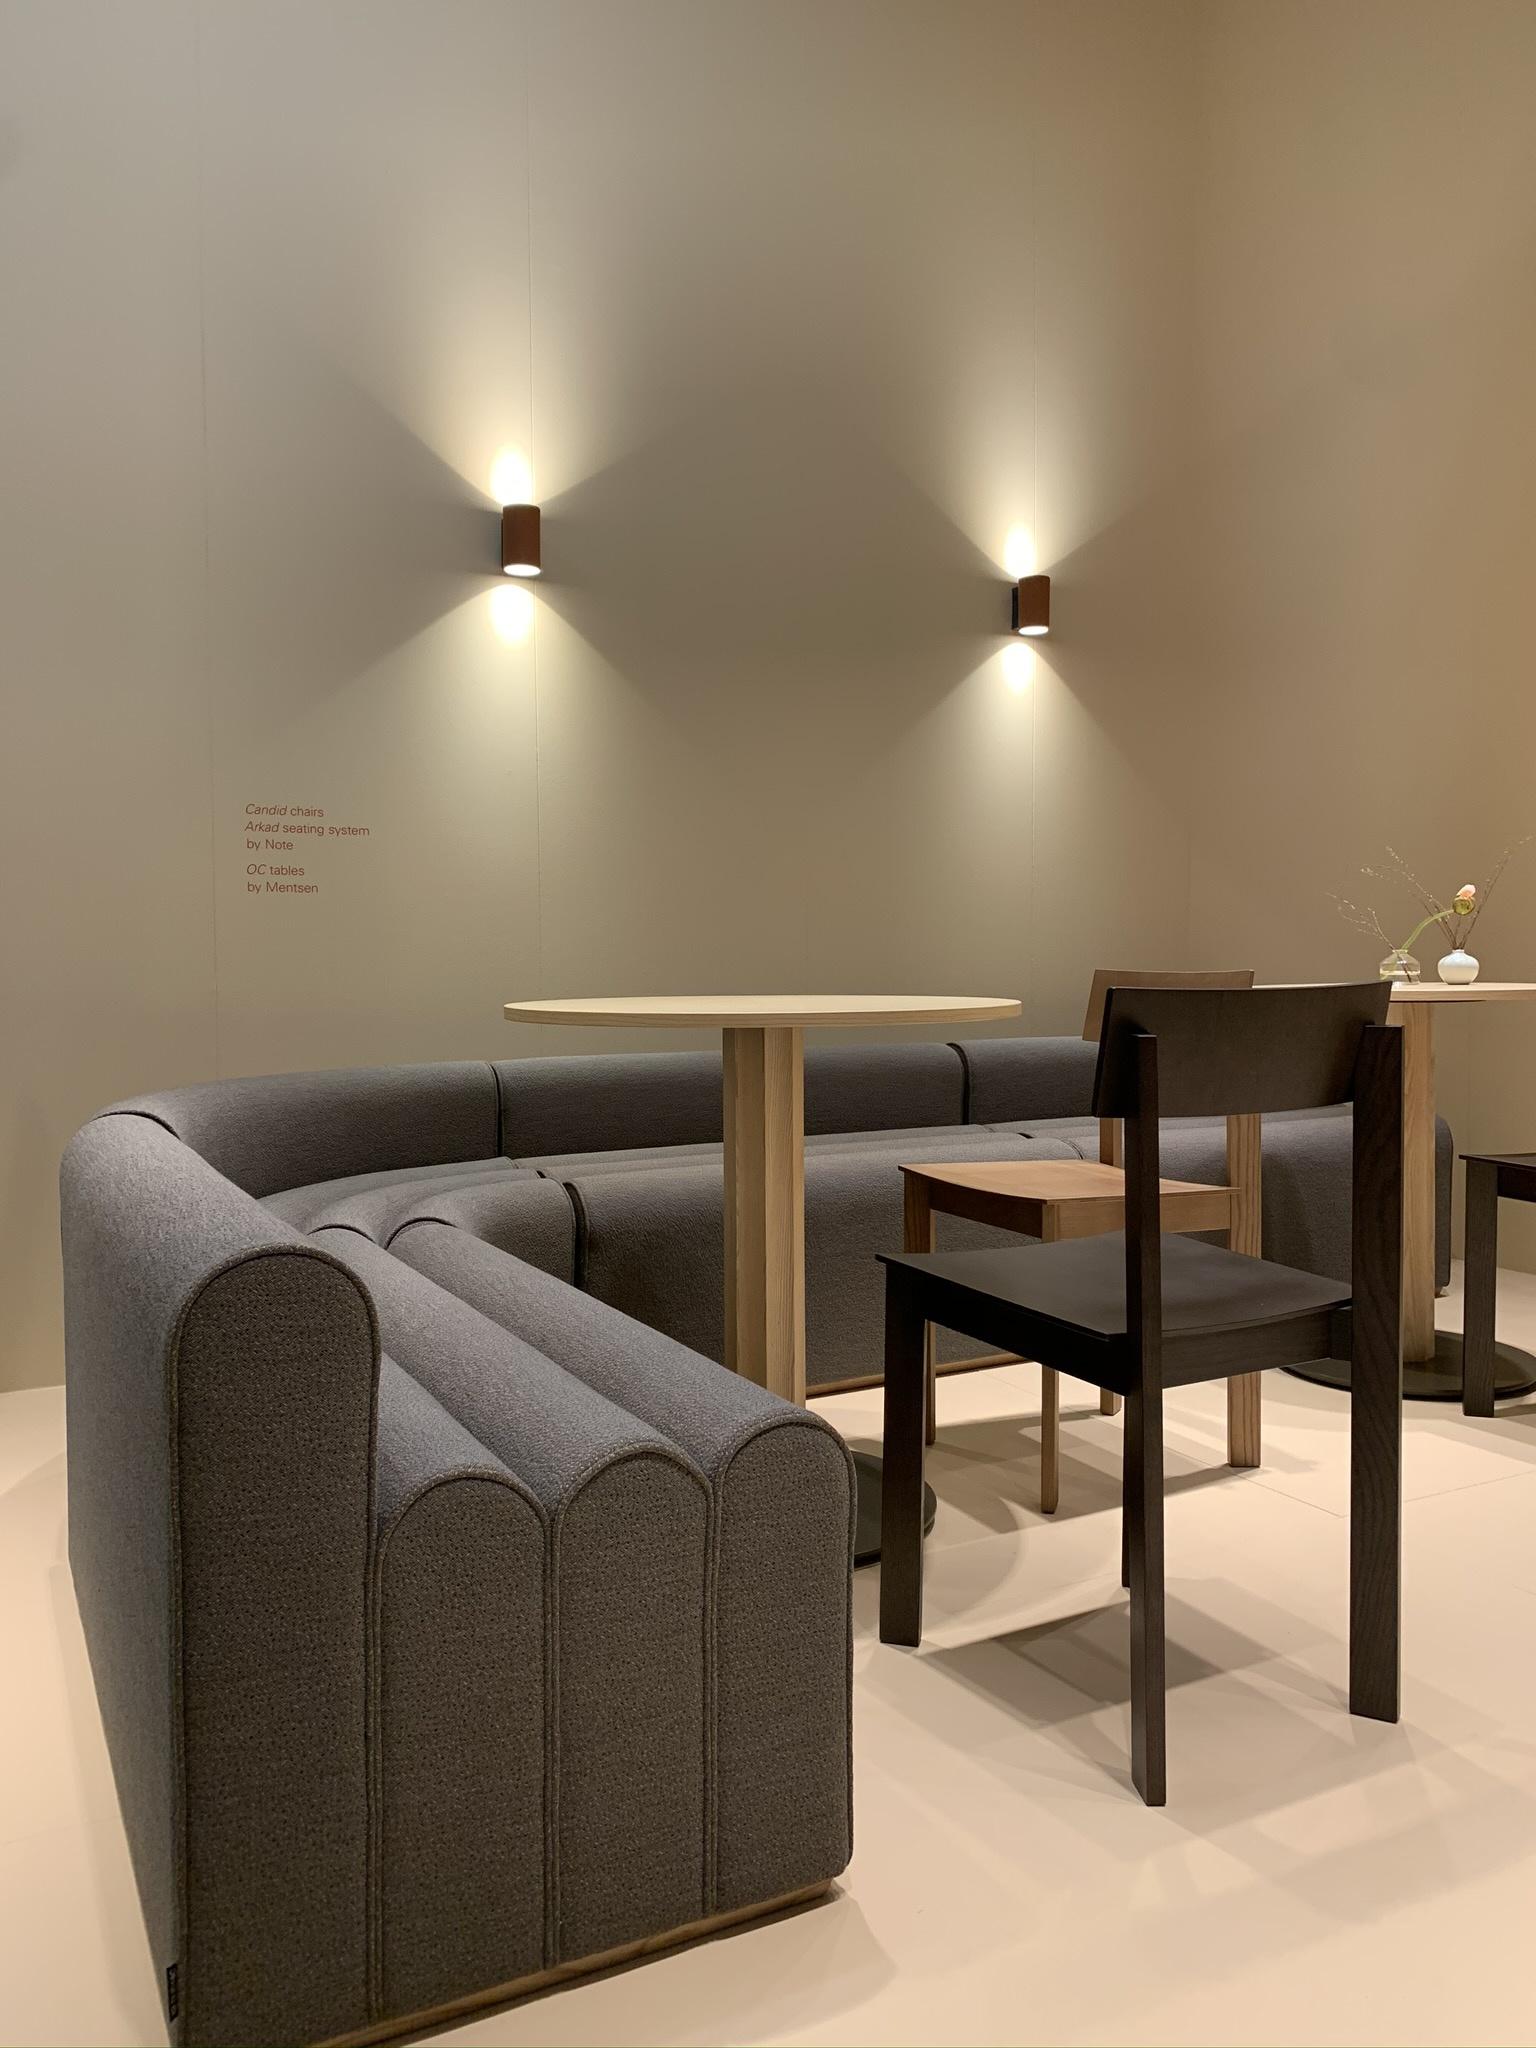 Неделя дизайна в Стокгольме 2020: блог бюро P+Z (галерея 4, фото 3)